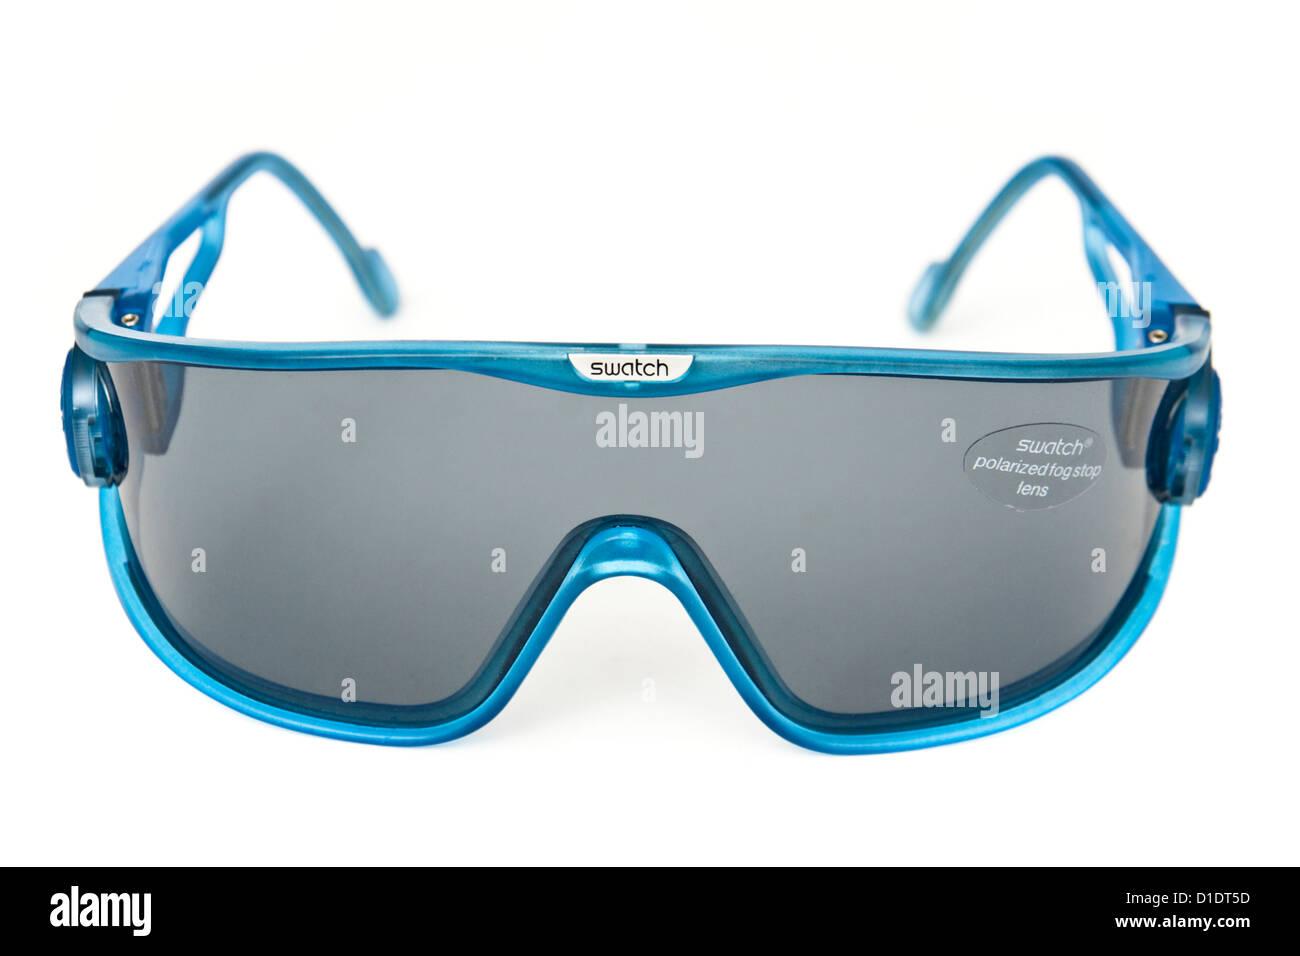 Swatch designer occhiali da sci / occhiali da sole polarizzati con nebbia lenti di arresto di inclinazione e regolazione Immagini Stock